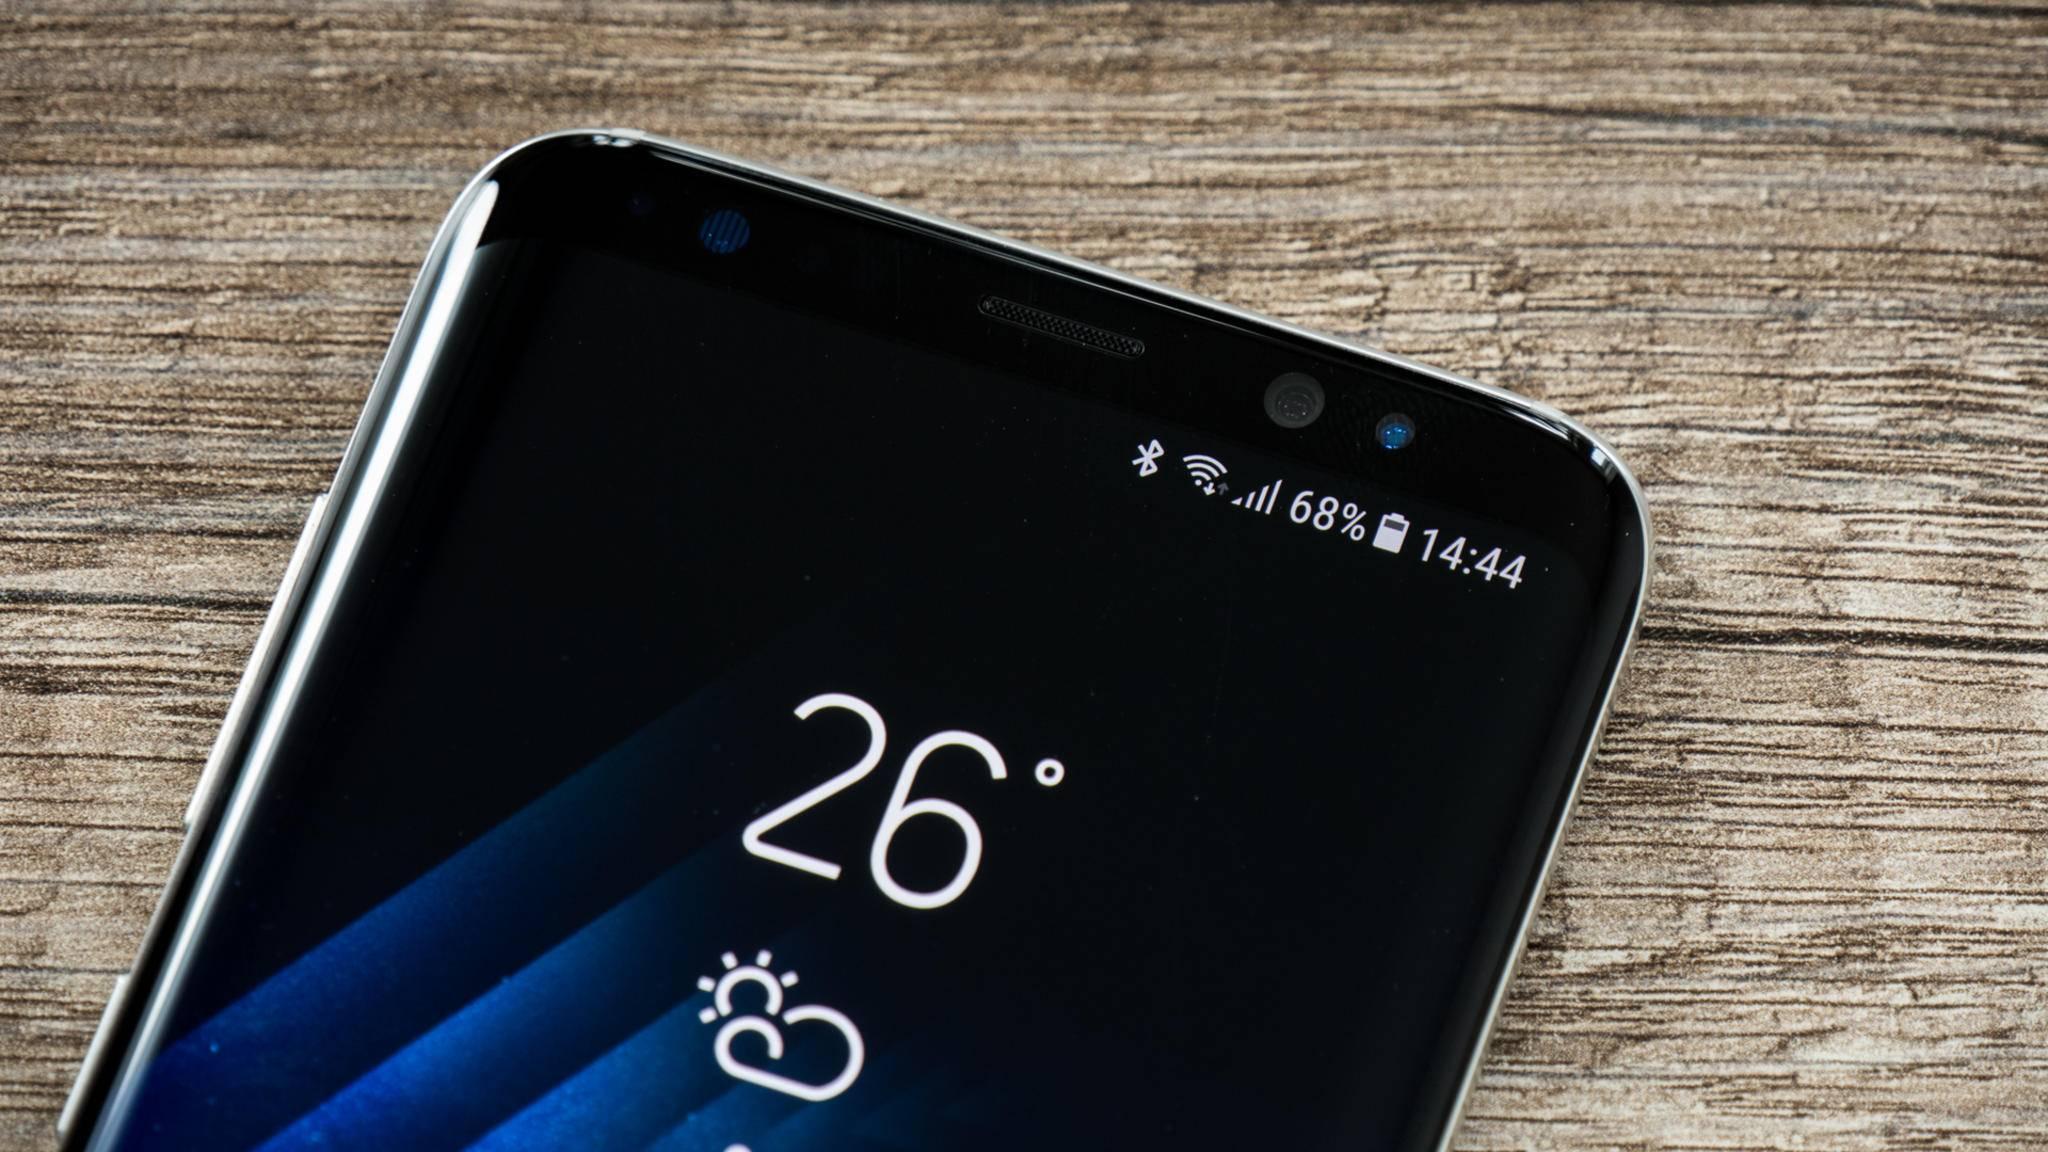 Die Screen-to-Body-Ratio beim Galaxy S9 soll noch einmal höher ausfallen als beim Galaxy S8.